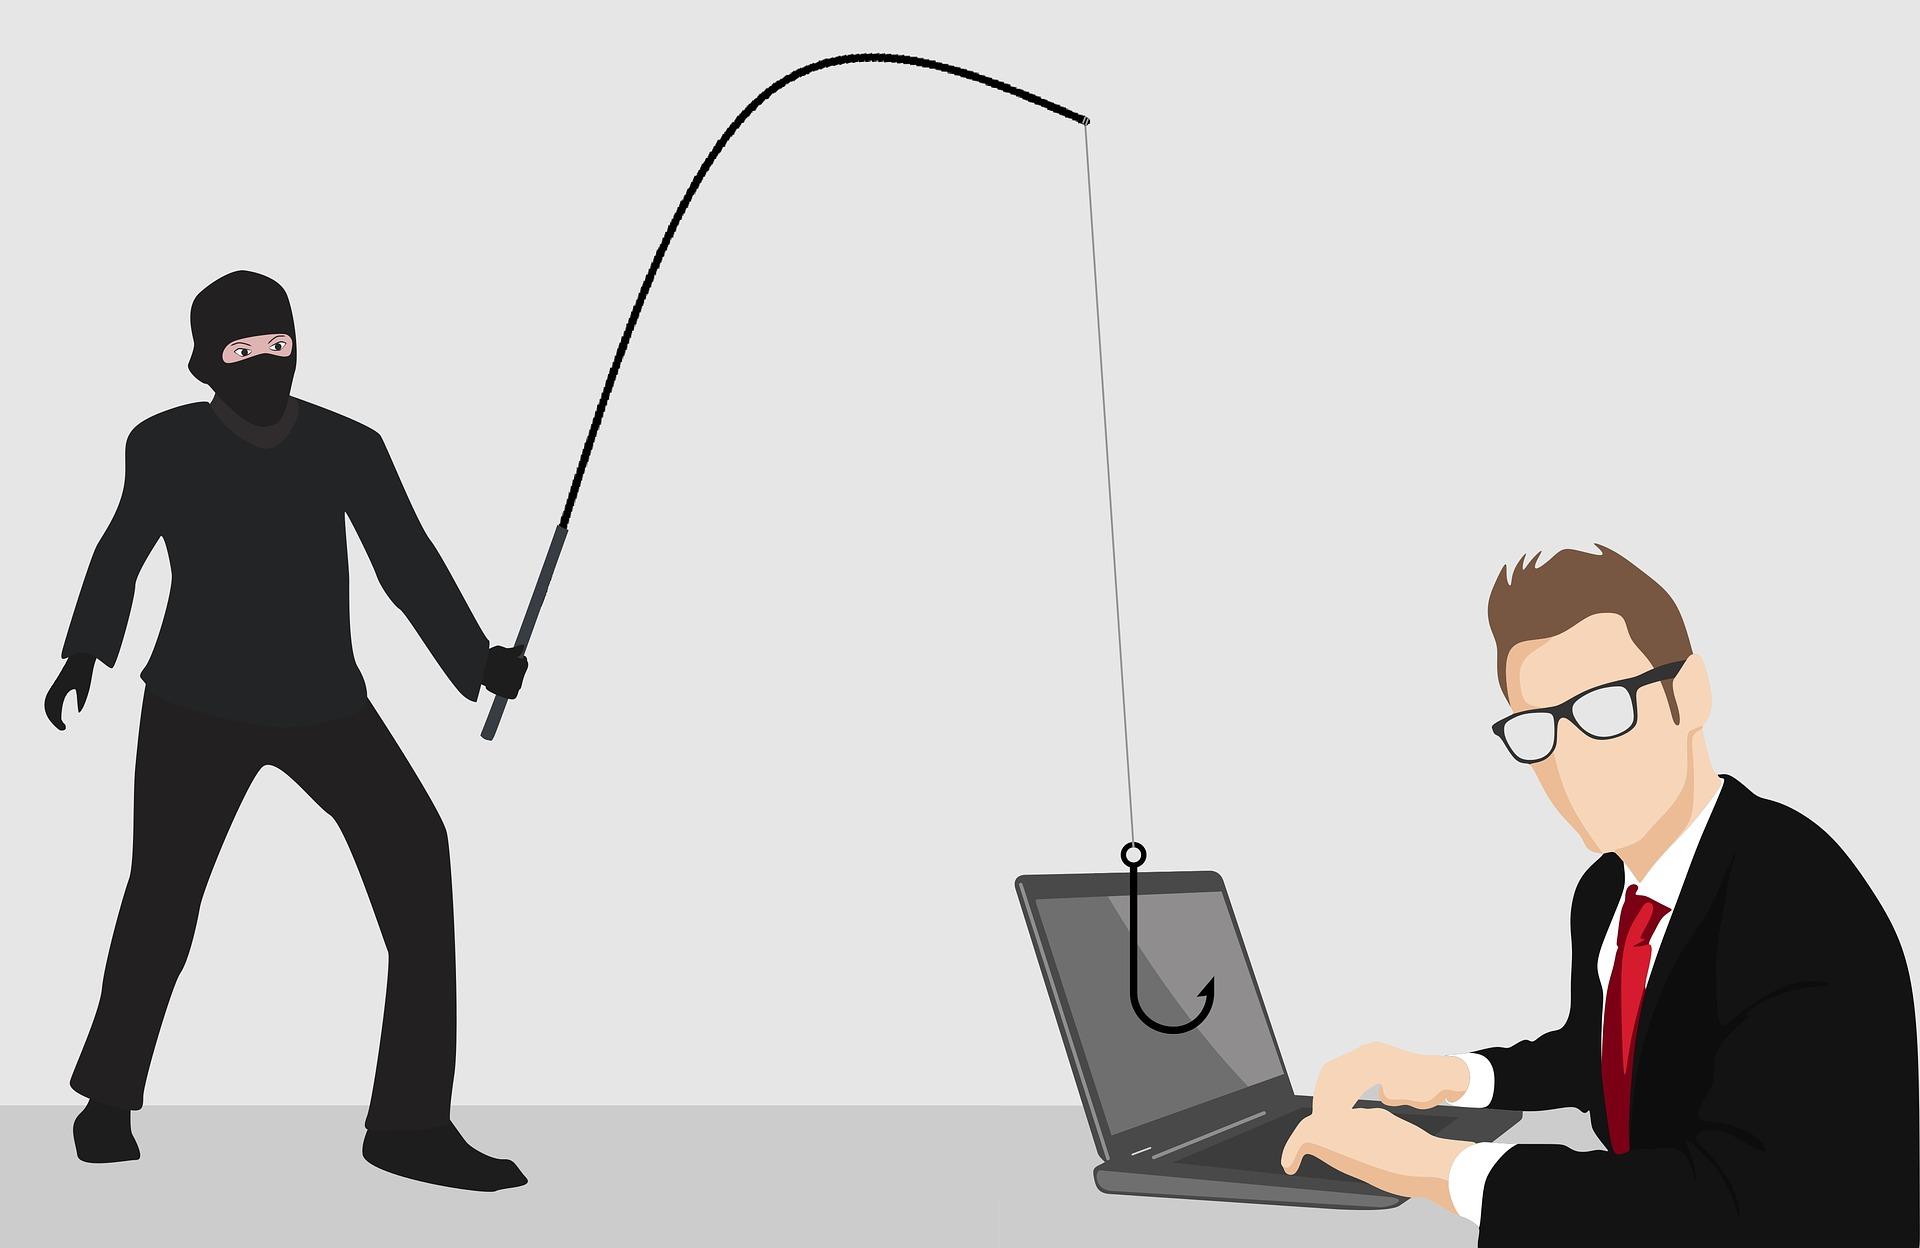 """Beware of """"Your Wells Fargo Online Security Notification"""" Phishing Scam"""